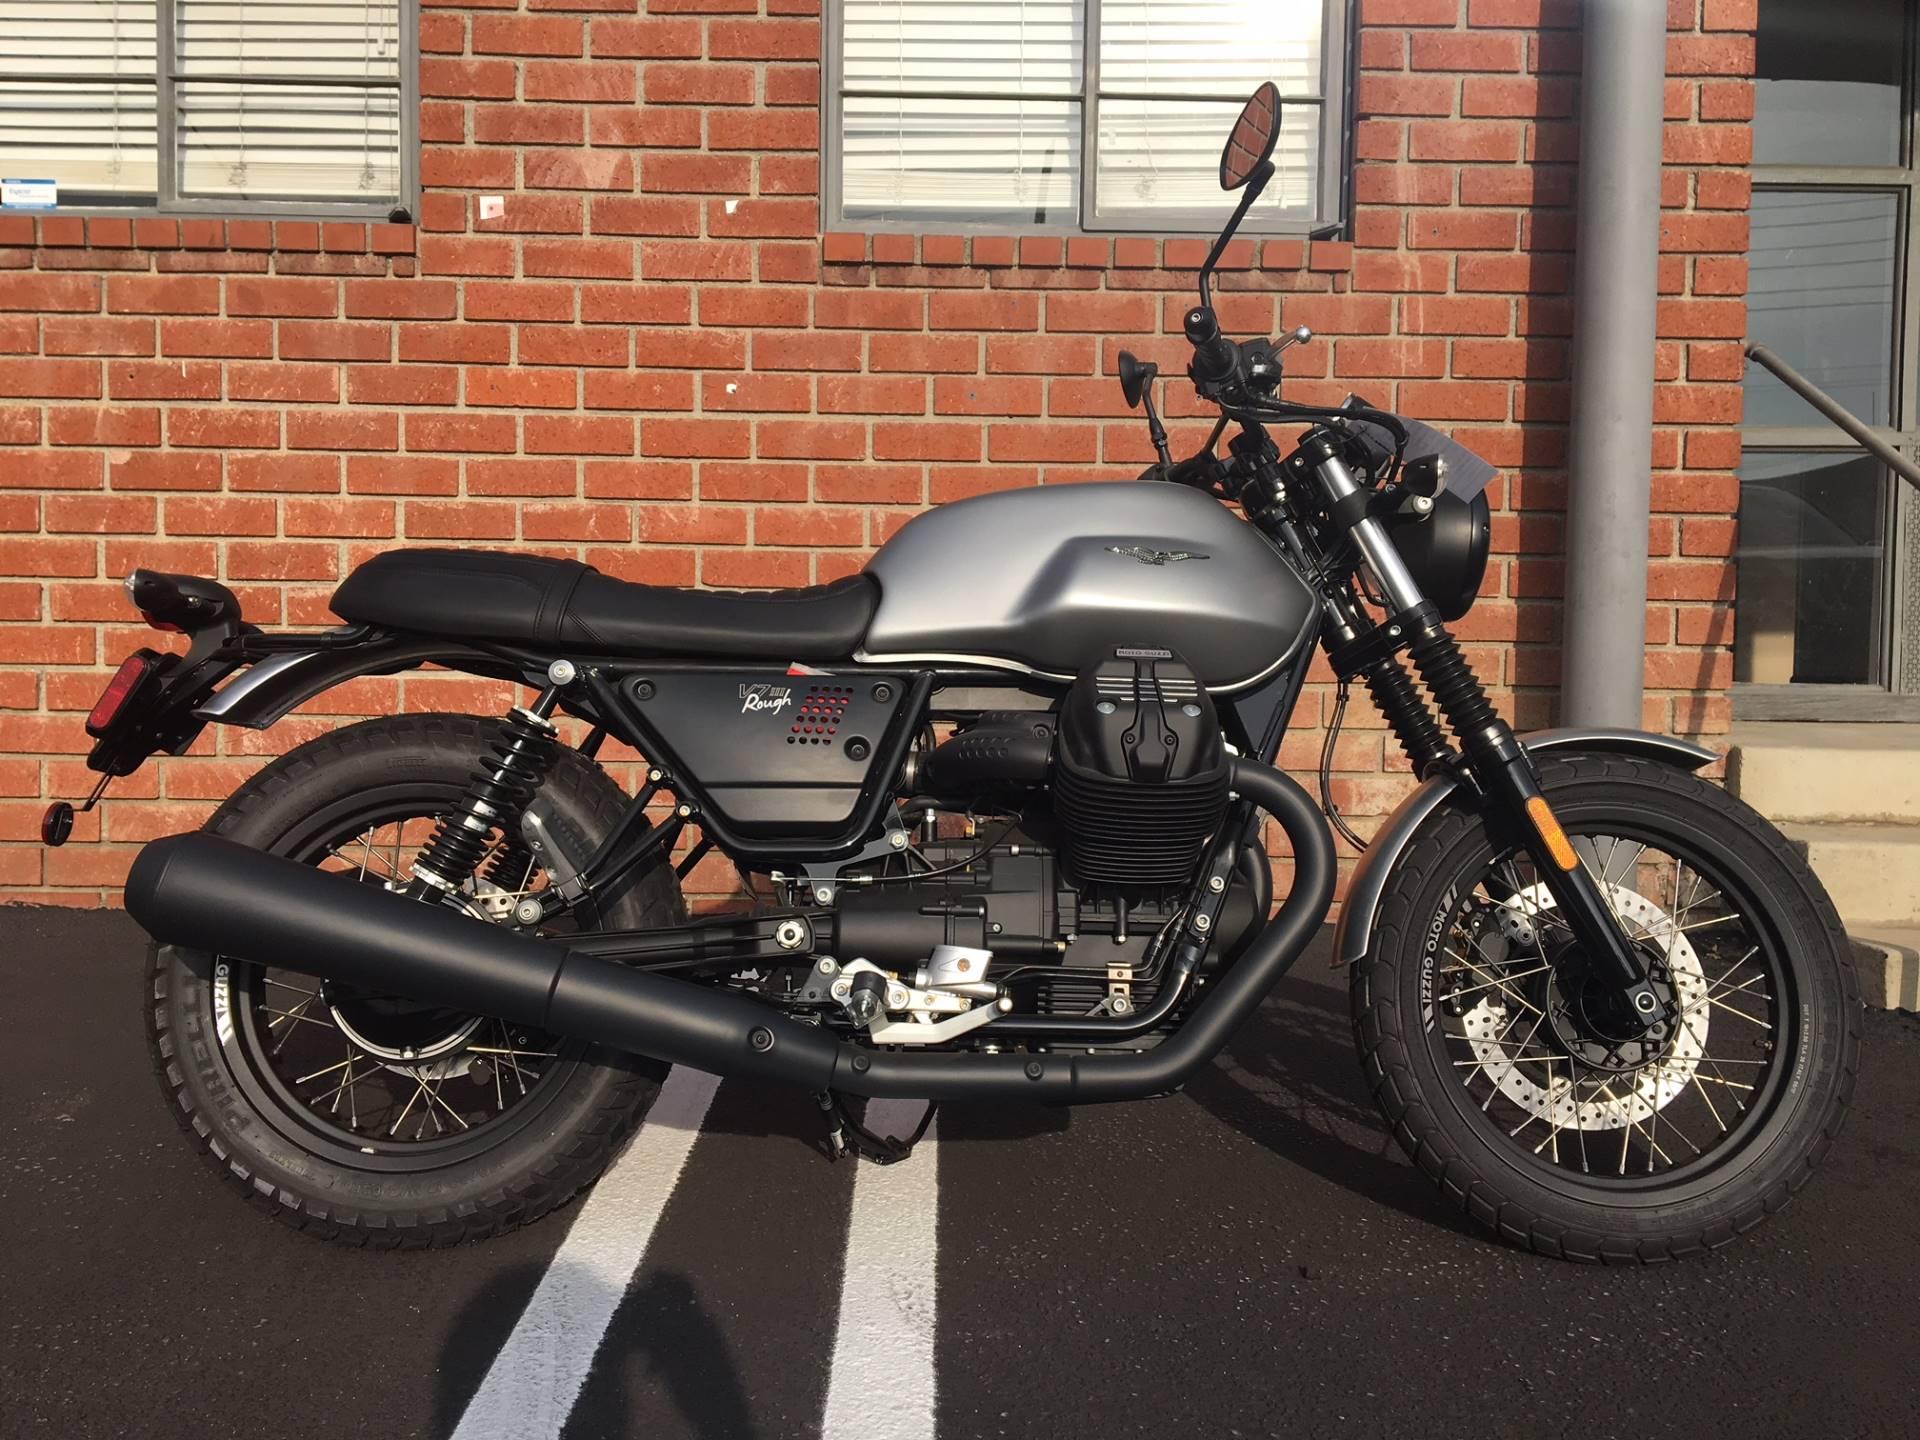 2018 Moto Guzzi V7 Iii Rough Motorcycles Marina Del Rey California